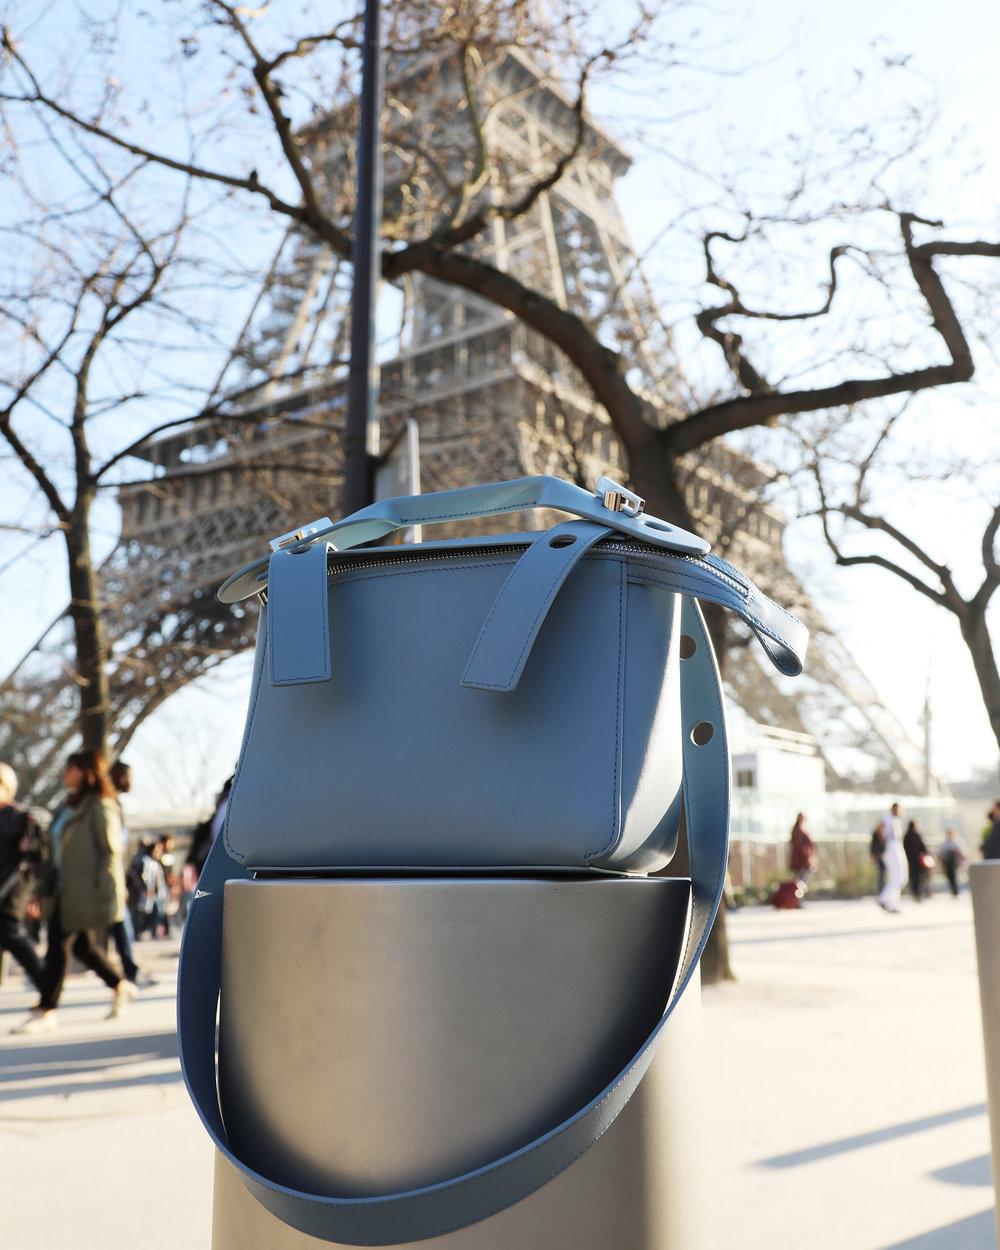 Sophie Hulme in Paris. Eifel Tower